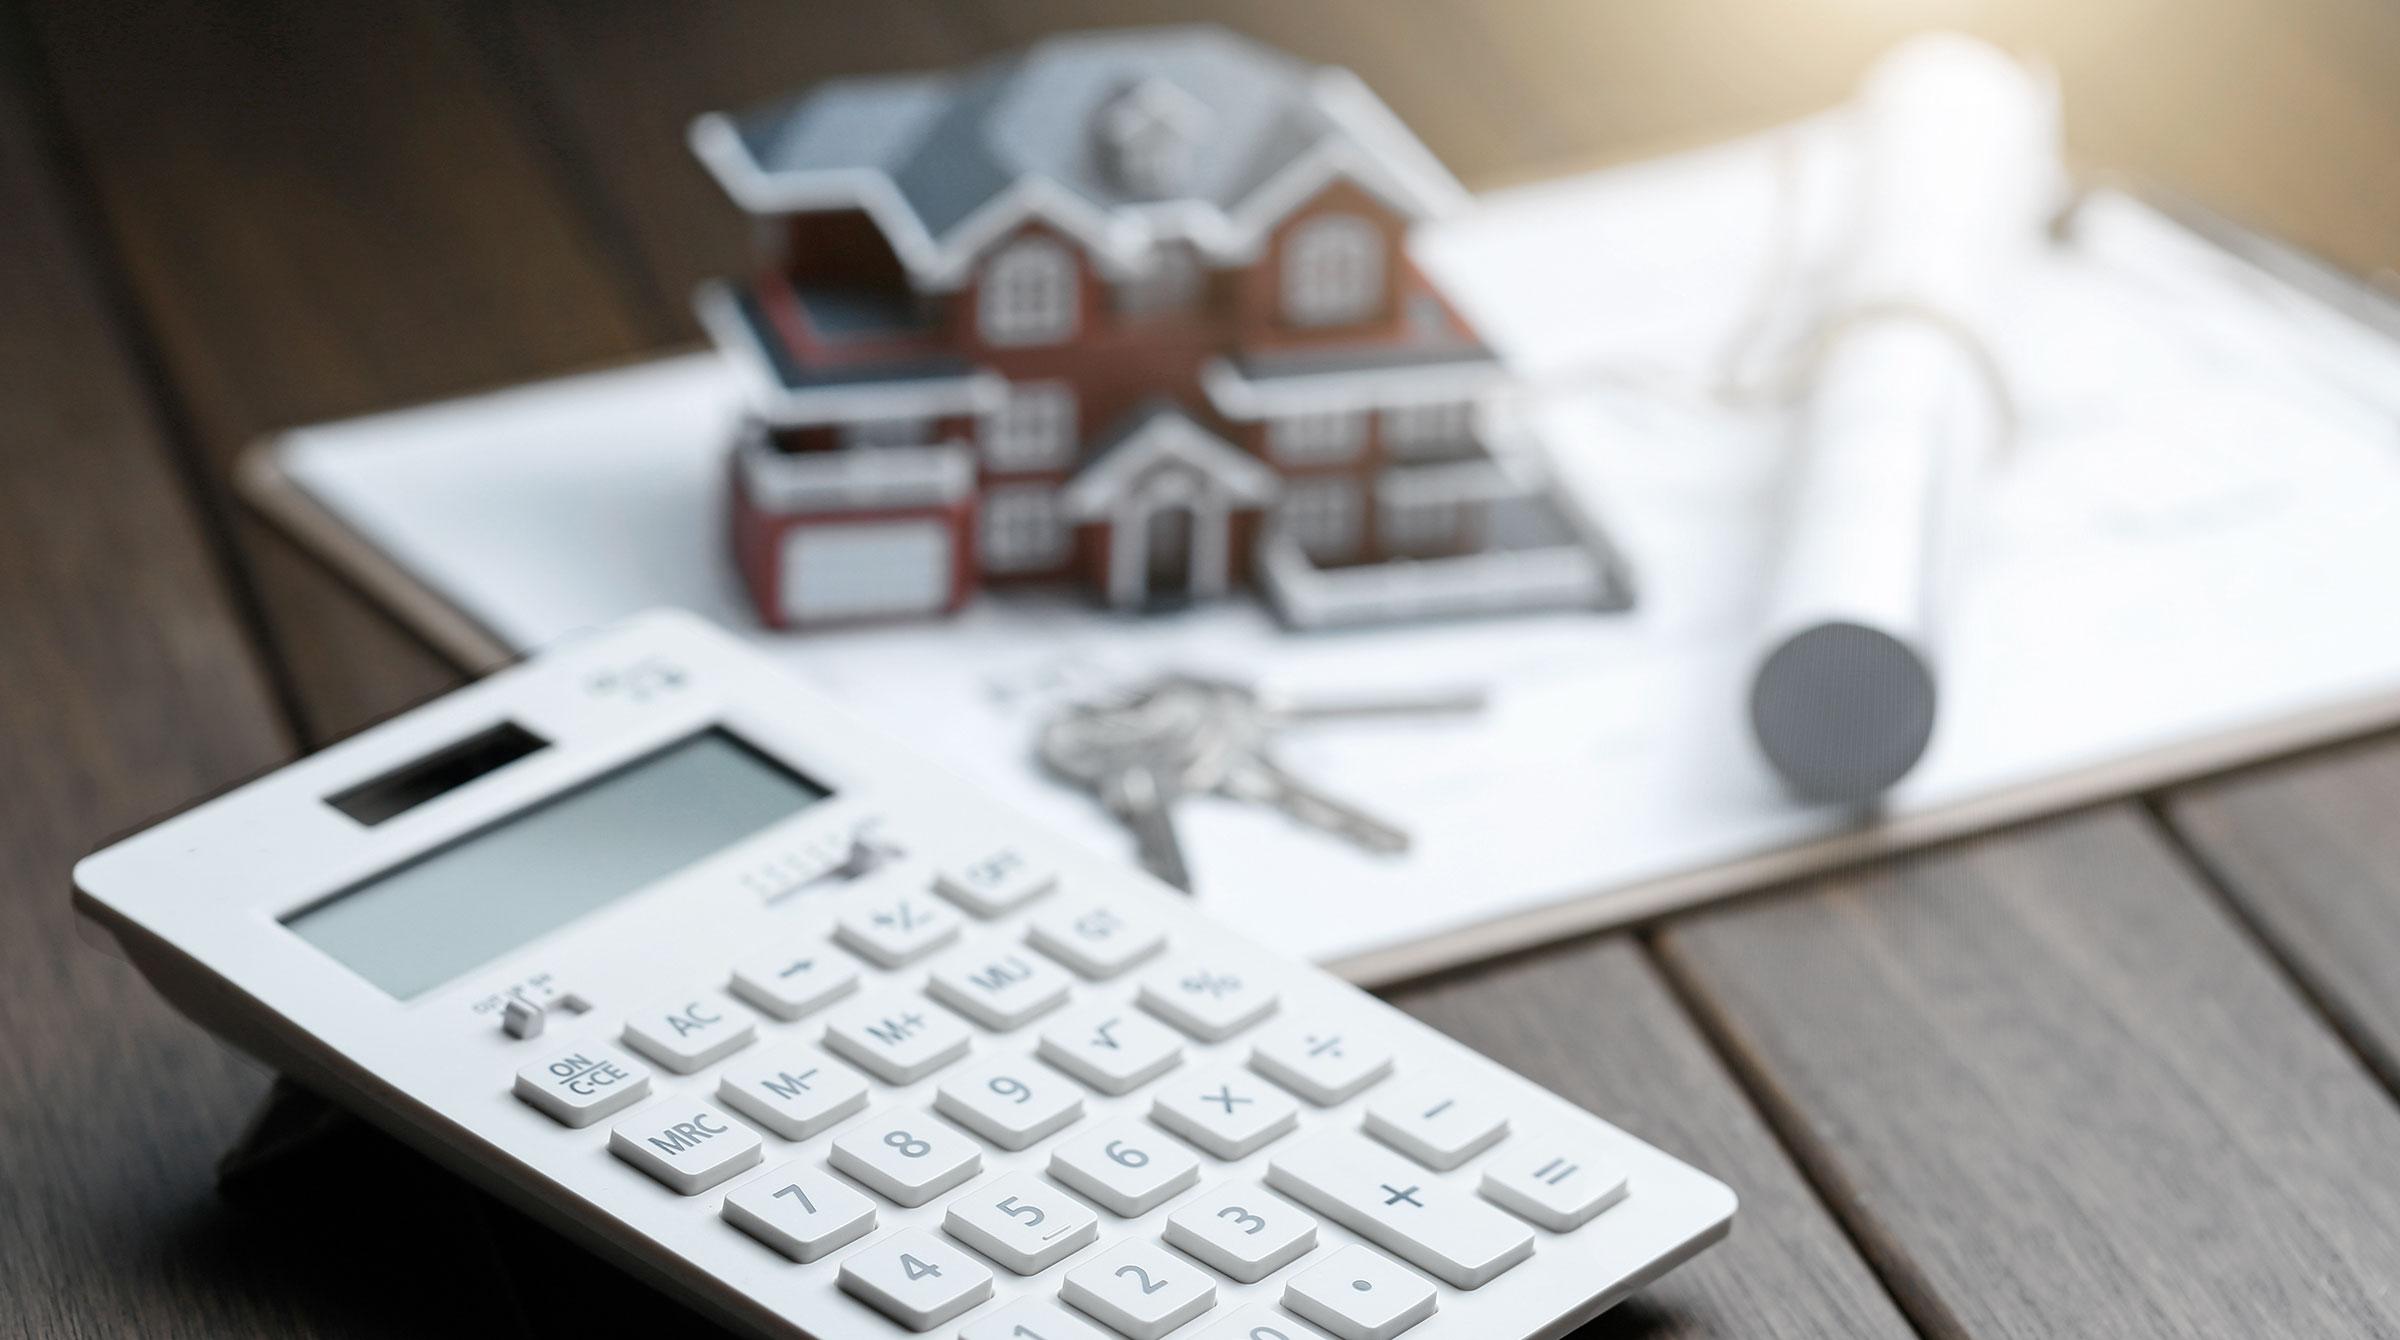 Introbild Checkliste Hauskauf: Der Ablauf im Überblick